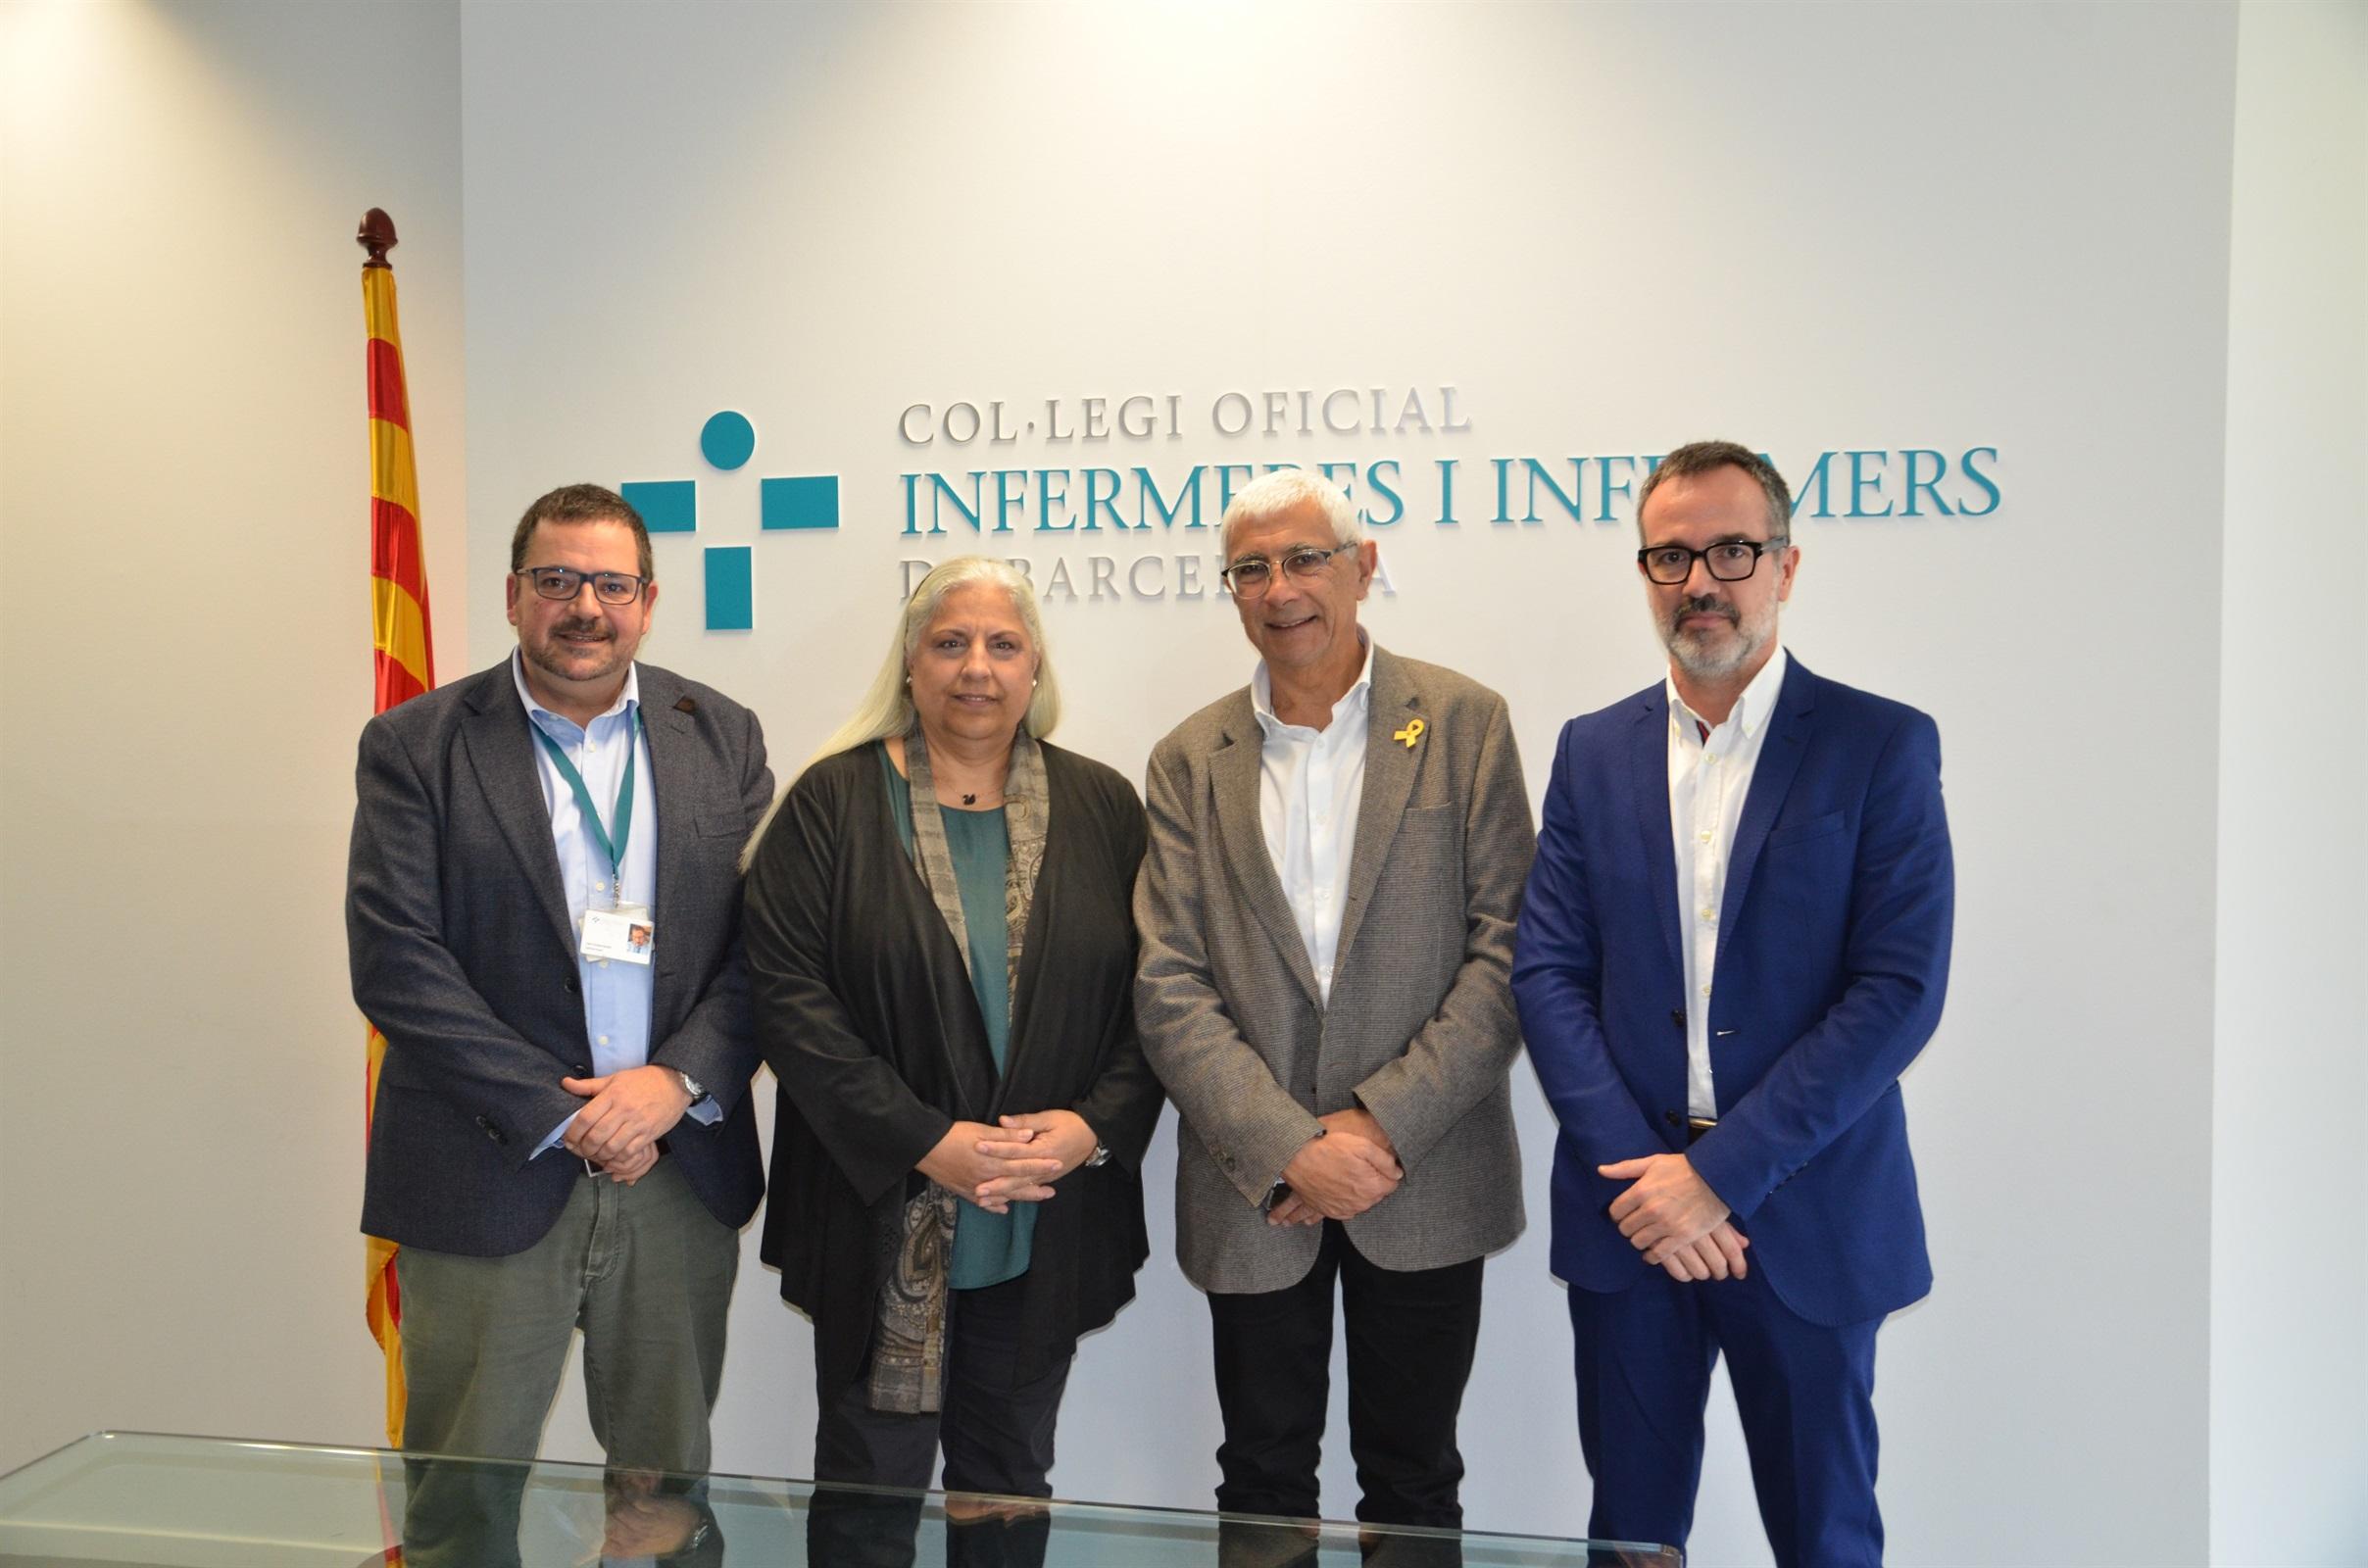 El COIB formalitza la col·laboració amb el CIMTI per consolidar un grup d'infermeres referents per a l'avaluació i mentoratge de projectes en l'àmbit de la salut